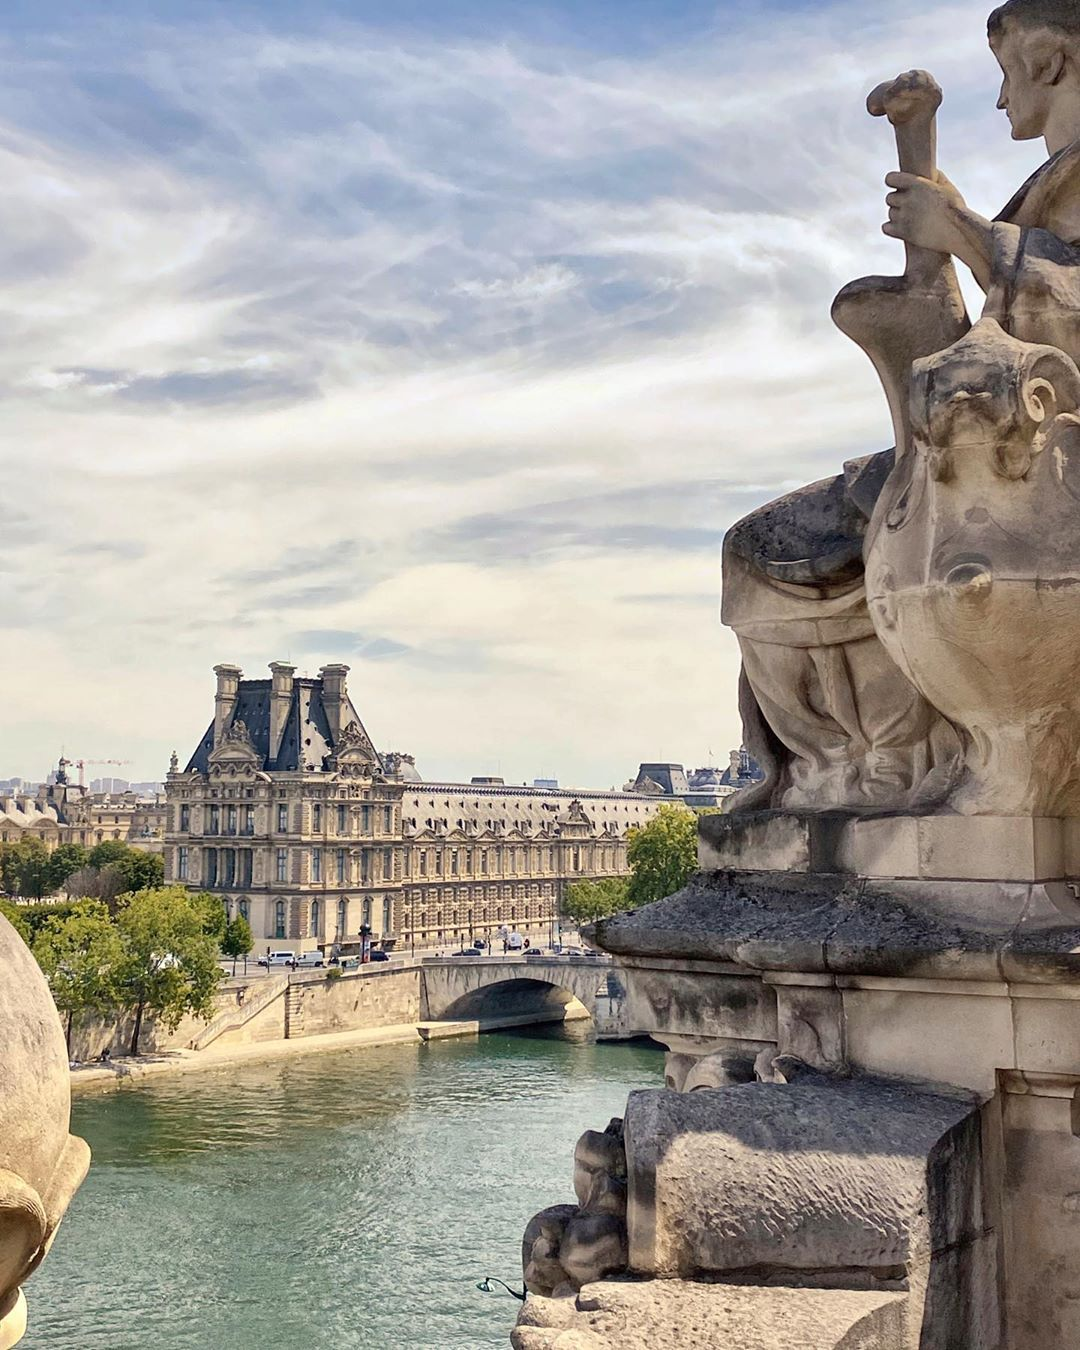 """Rive Gauche Rive Droite Paris : gauche, droite, paris, Daphne, Instagram:, """"Rive, Gauche, 😉Rive, Droite"""", Gauche,, Instagram,, Paris"""